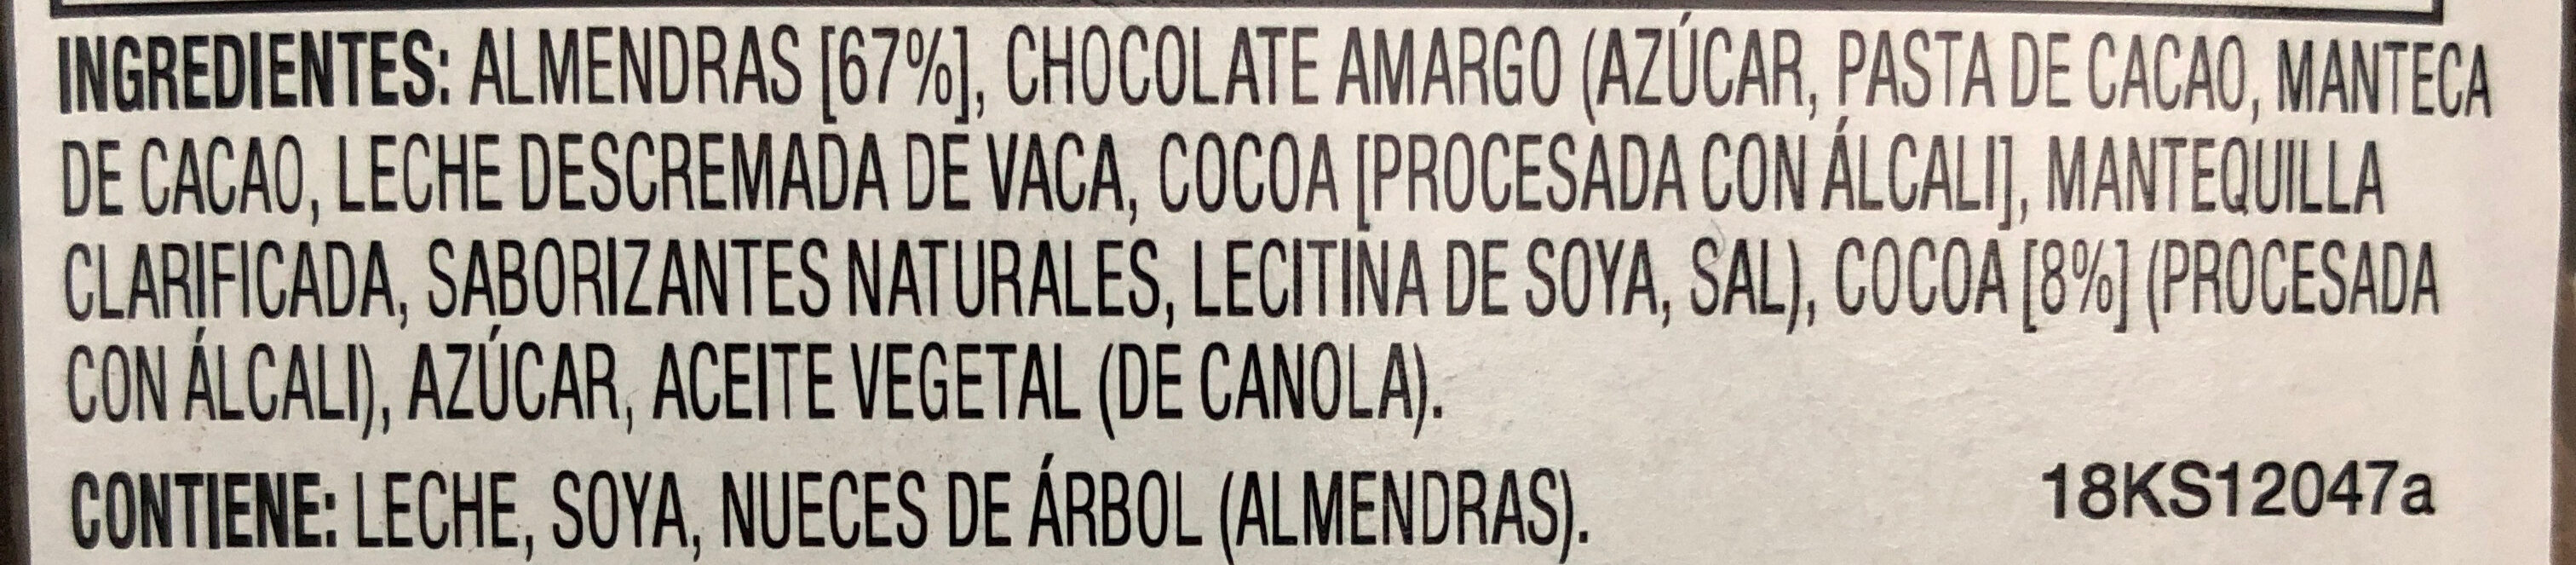 Almendras Espolvoreadas de Cocoa - Ingredientes - es